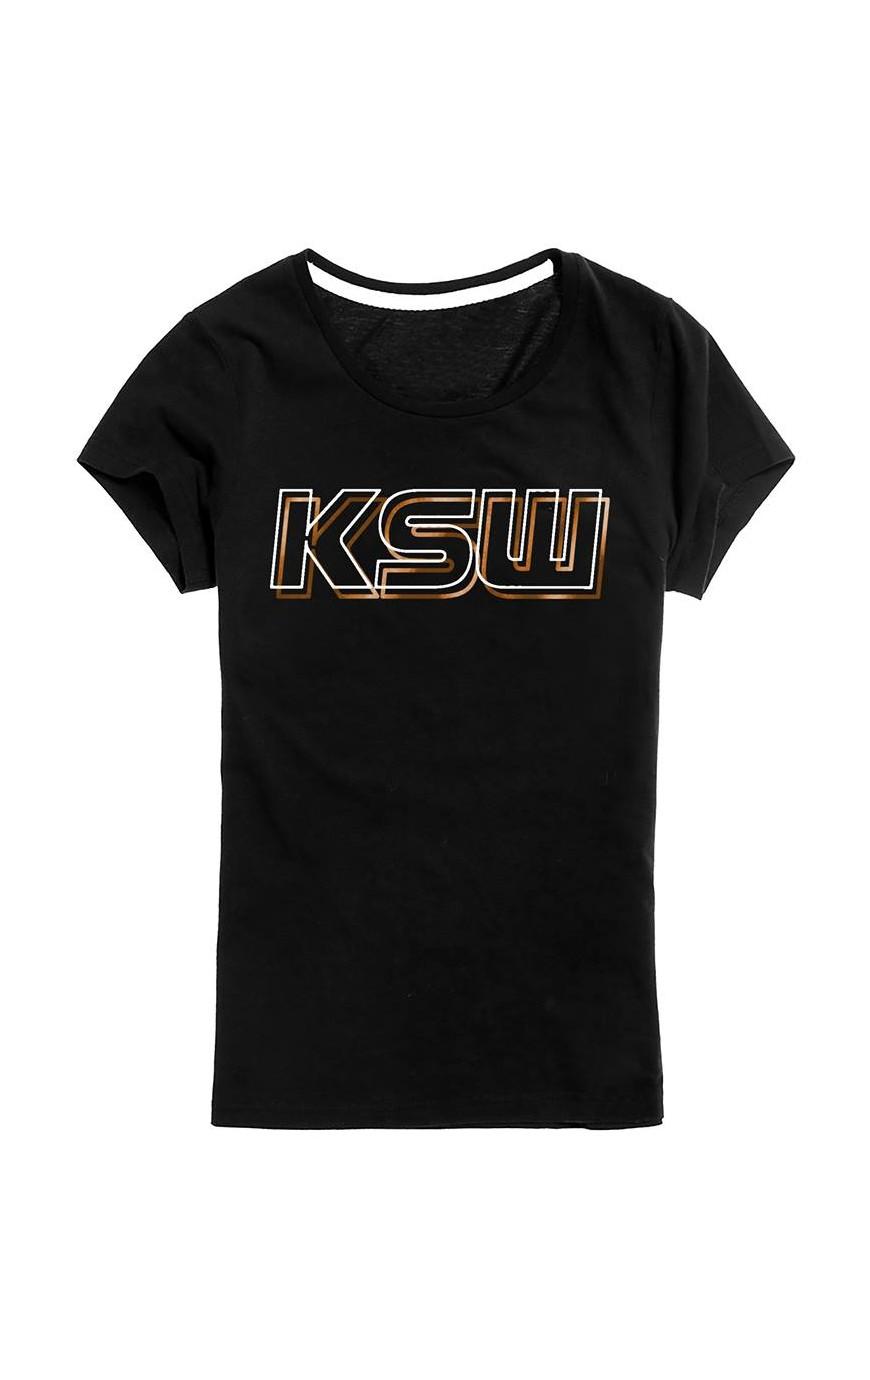 Basic KSW black & gold